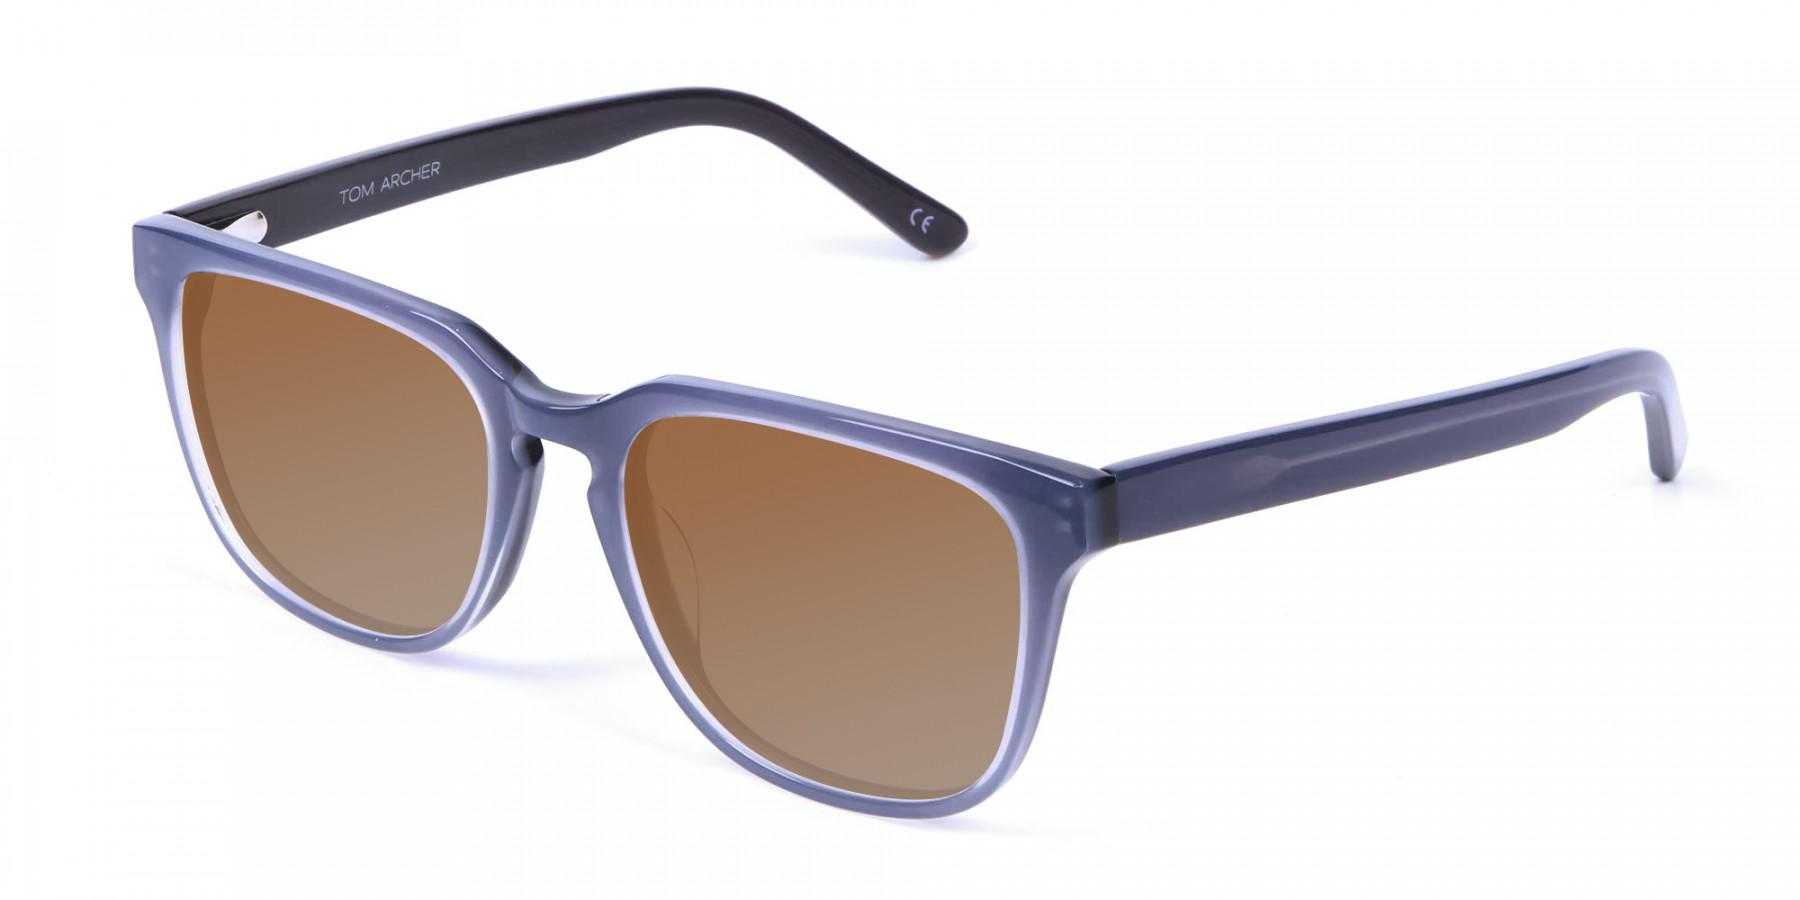 Boxy Sunglasses in Silver Grey  - 3